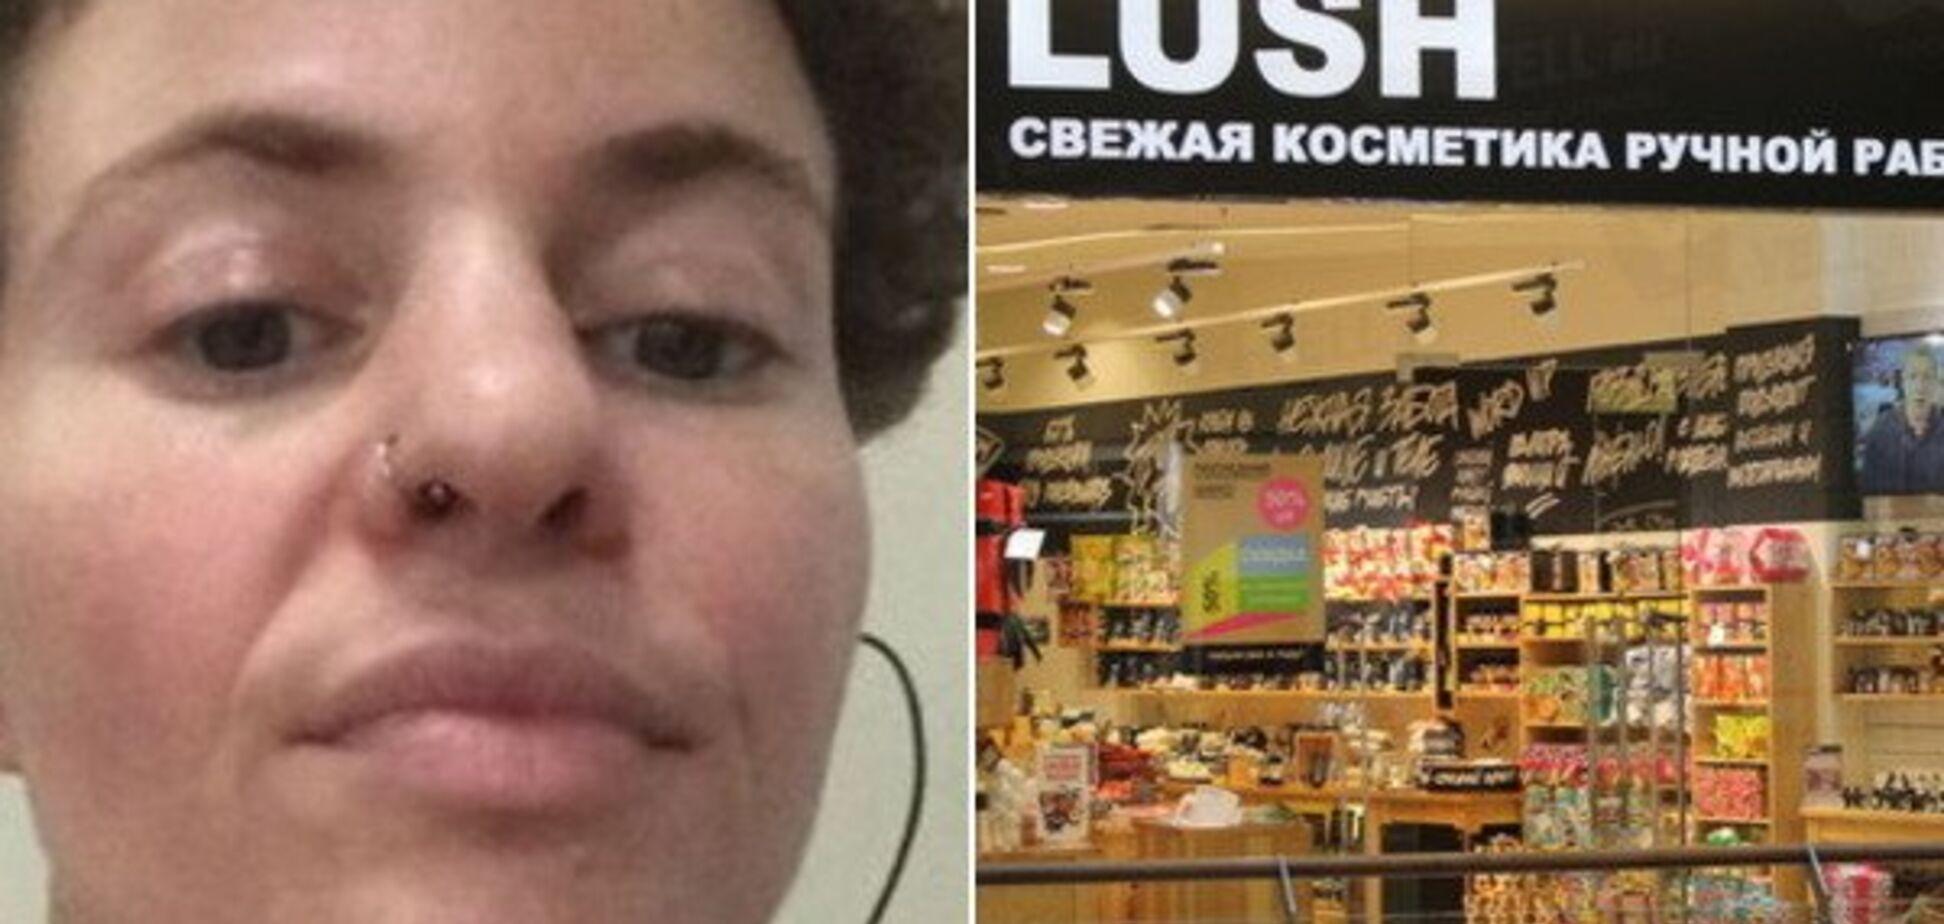 'Доброго дня, я блогерка!' Нахабне прохання російської феміністки підірвало мережу флешмобом